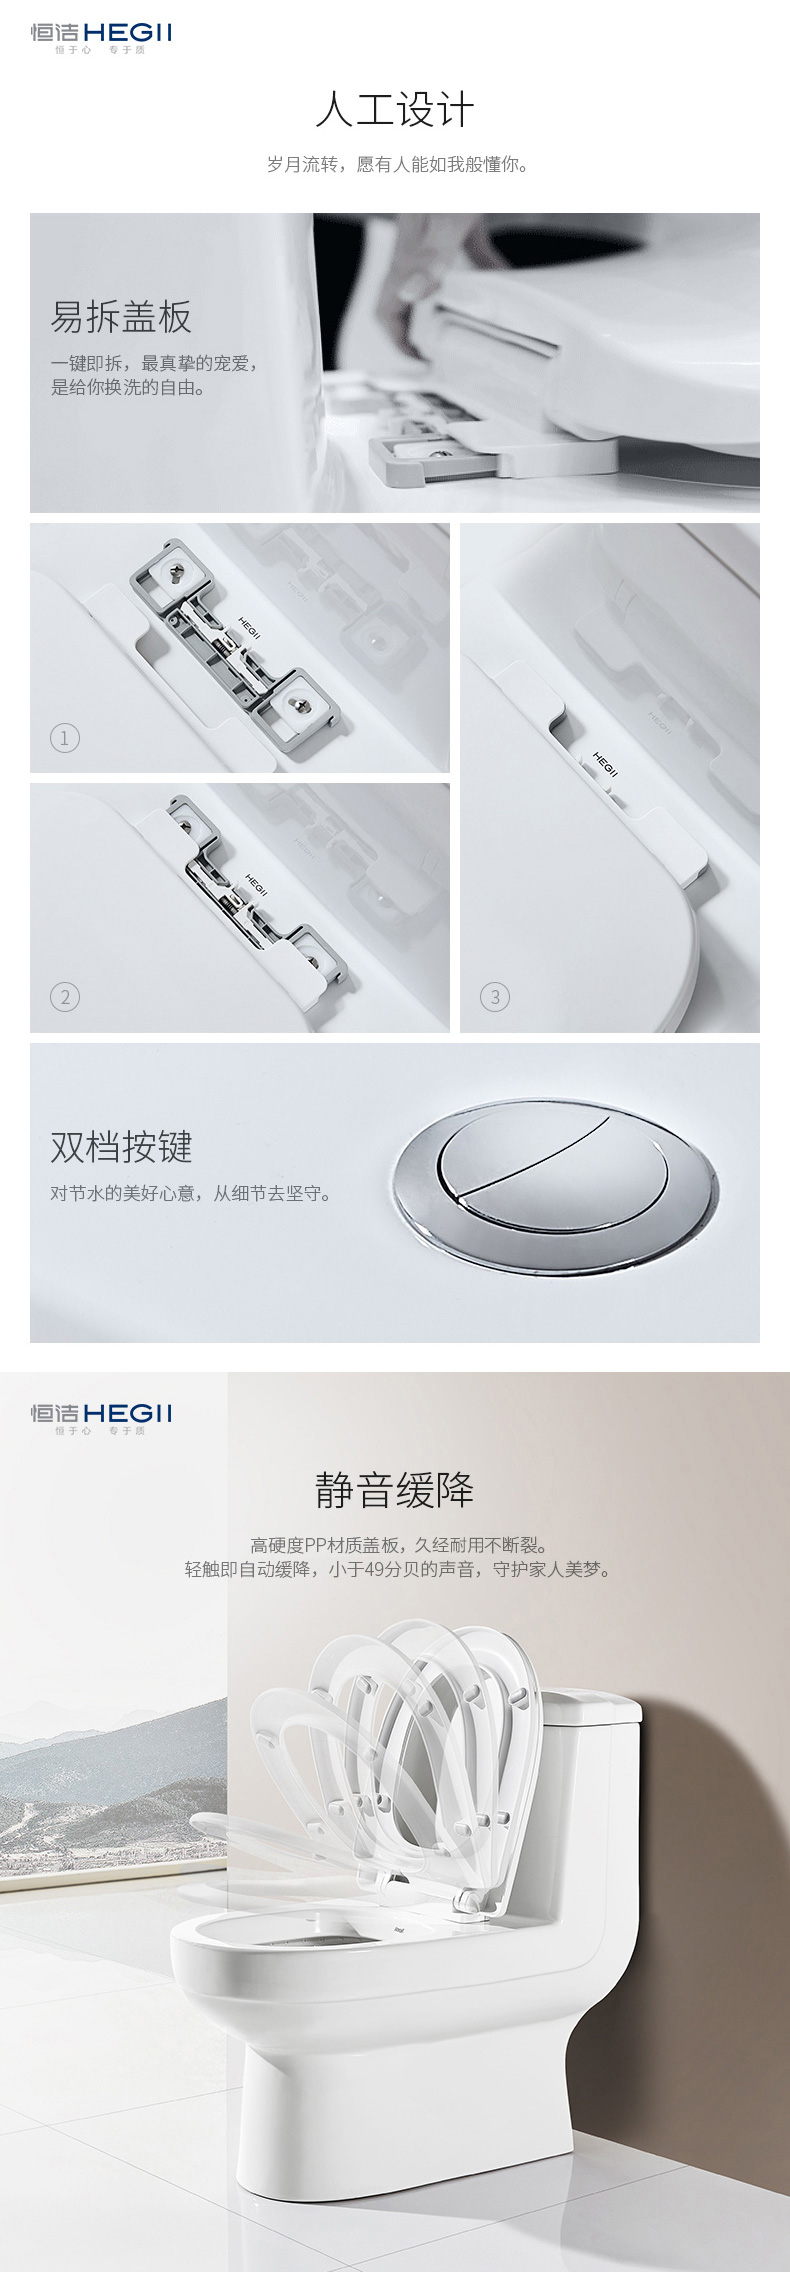 恒洁-大尺寸舒适款马桶HC0132PT_07.jpg